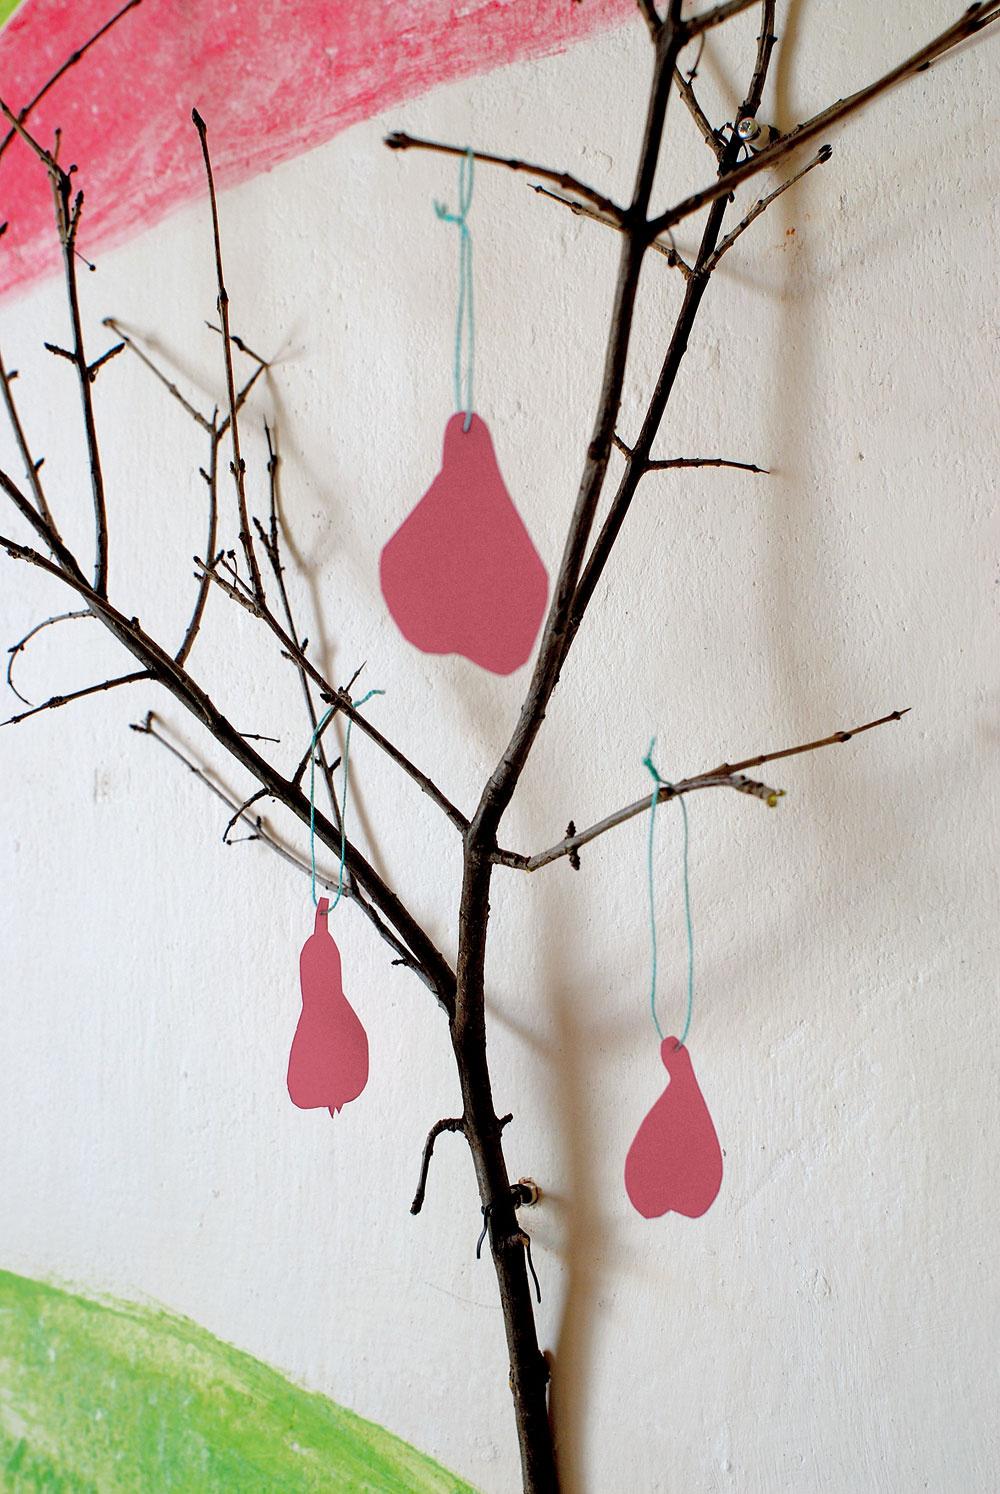 Hoci sú hrušky trochu netradičné –zružového papiera, stromček vkuchyni je skutočný (z vetvy ovocného stromu).